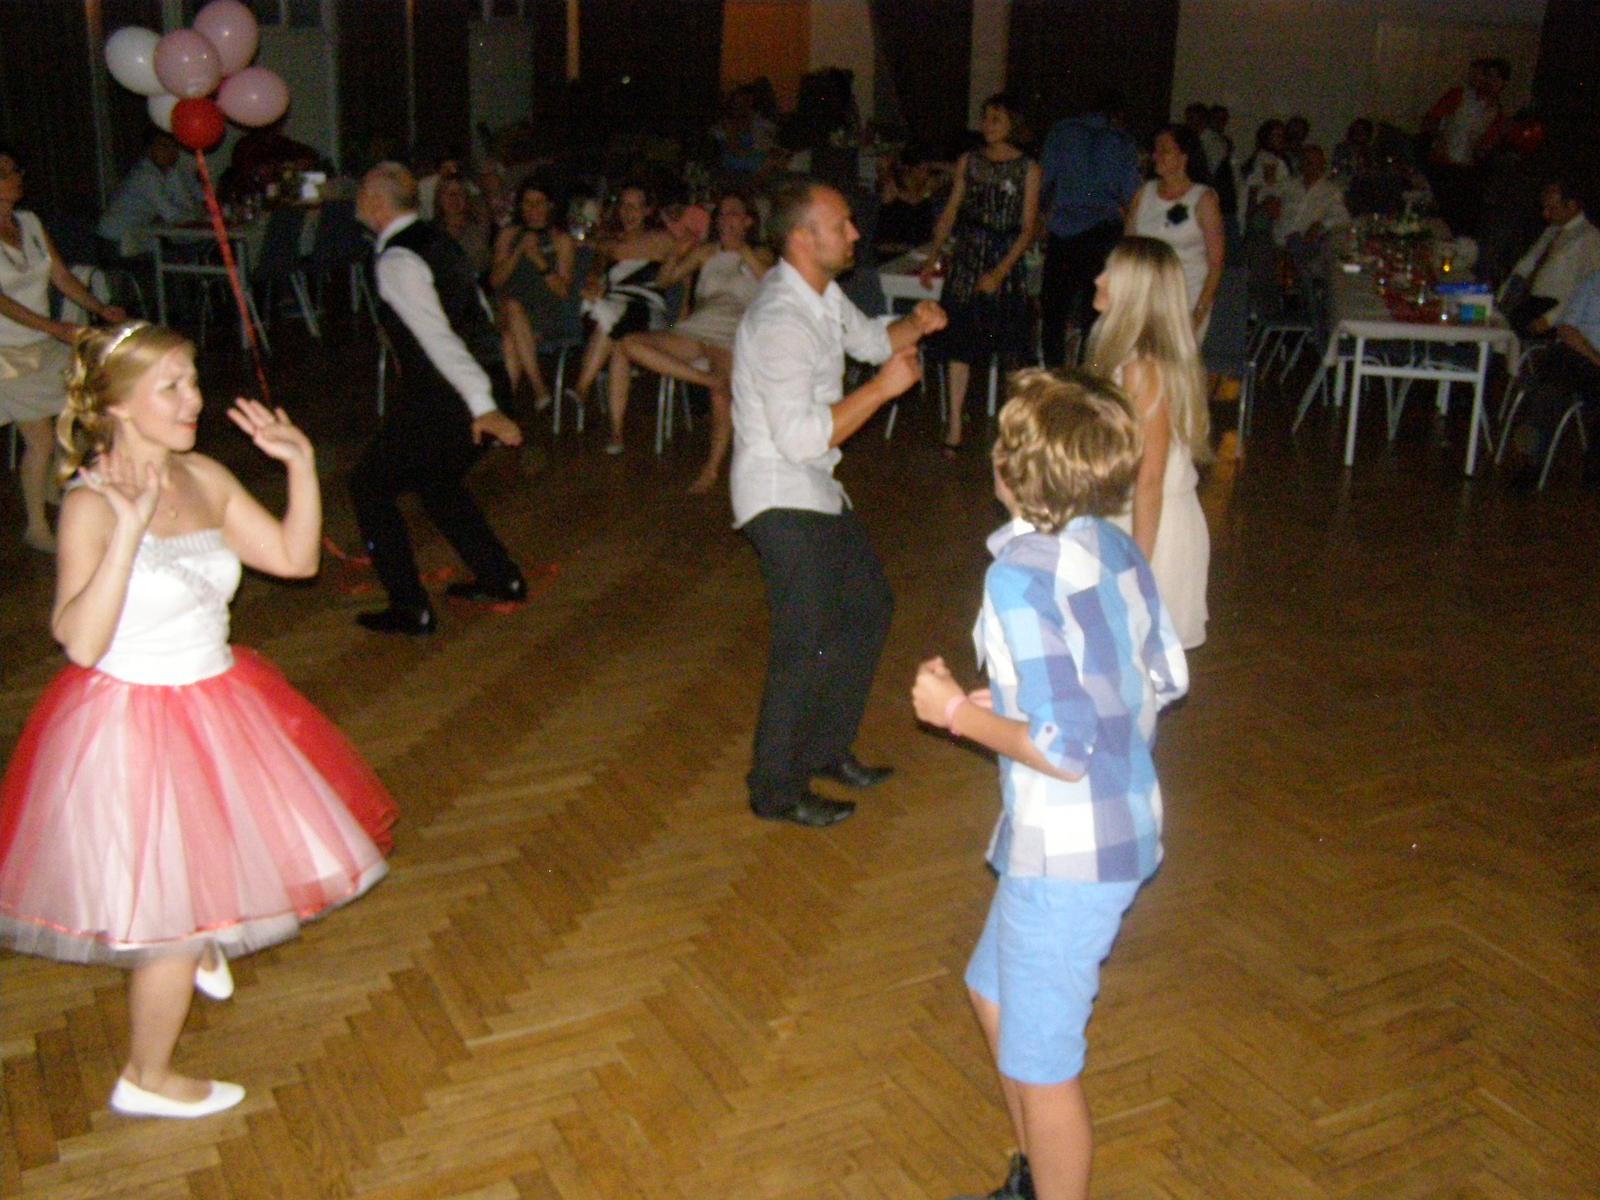 Svatba Lída Čermáková & Jiří Haut - tančit na elektroswing se musí umět ....